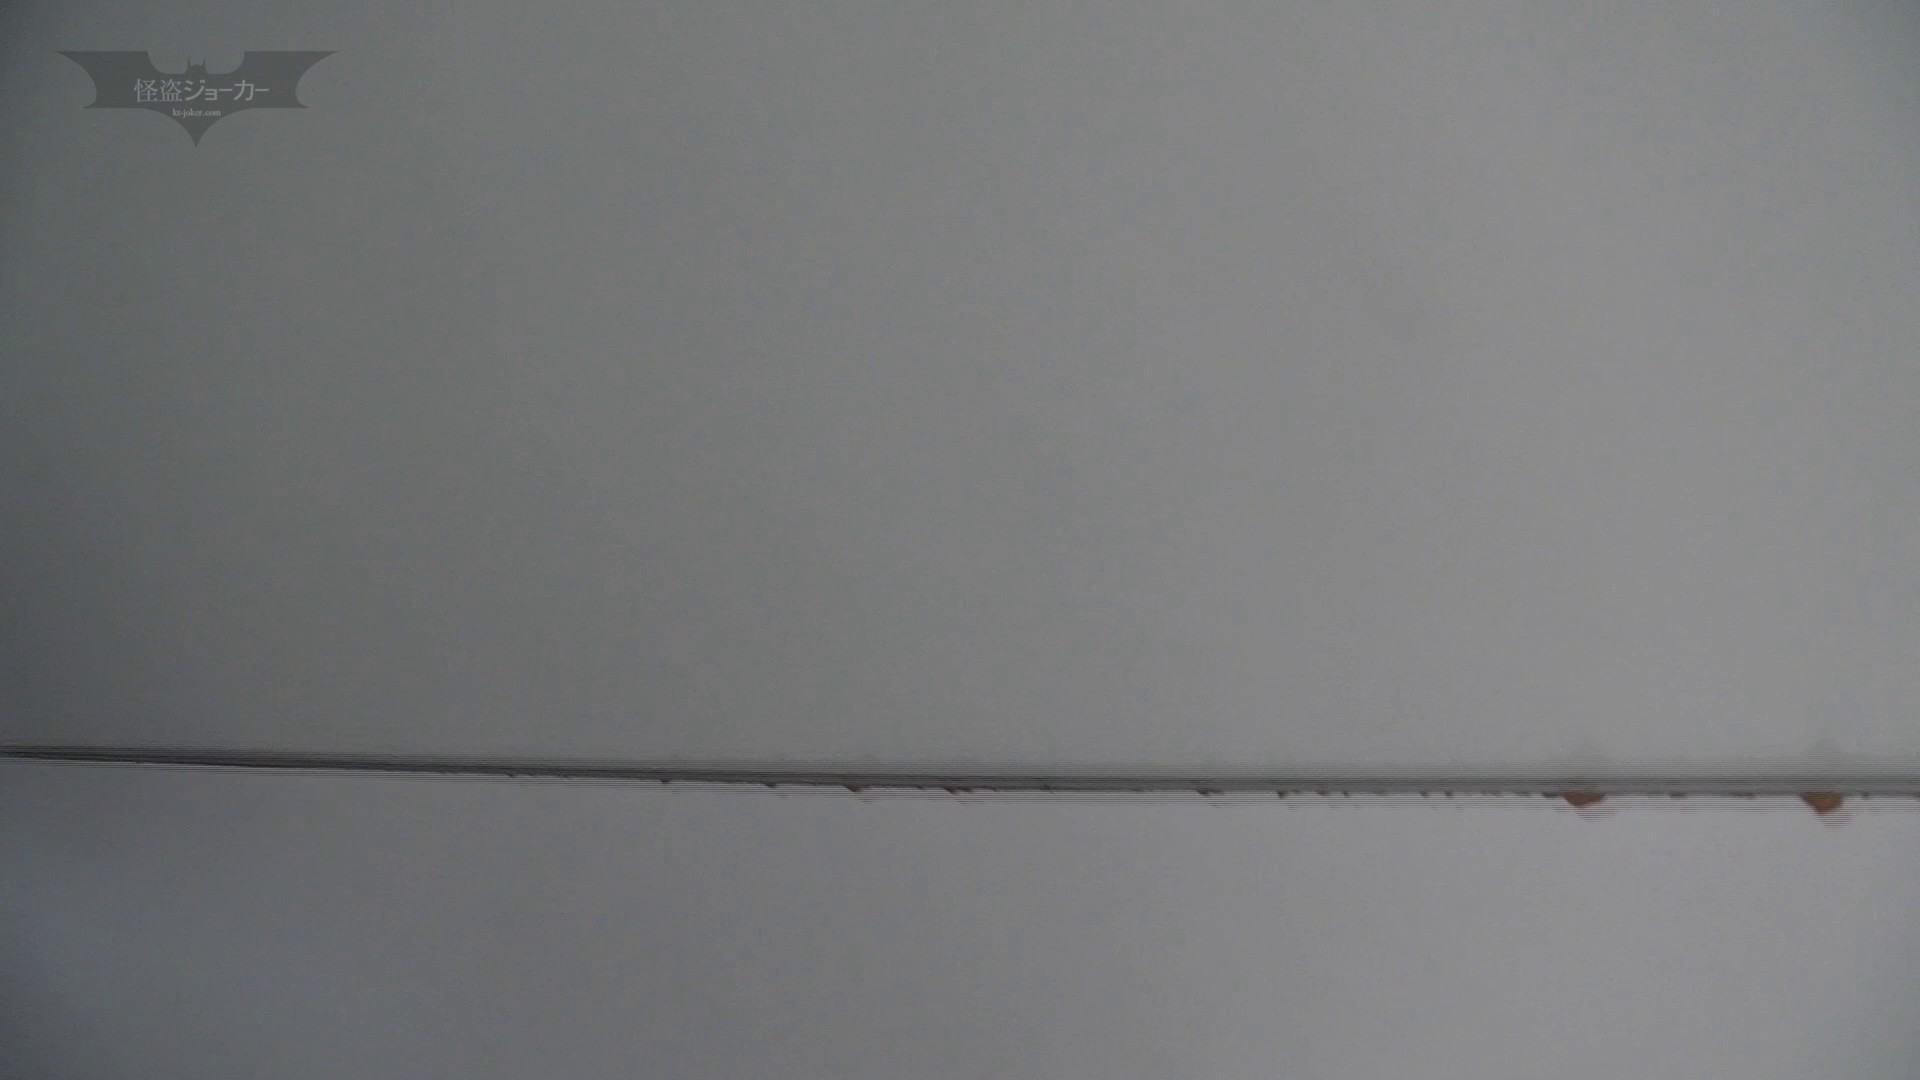 下からノゾム vol.031 扉を壊しみたら、漏れそうな子が閉じずに入ってくれた OL   0  73連発 43